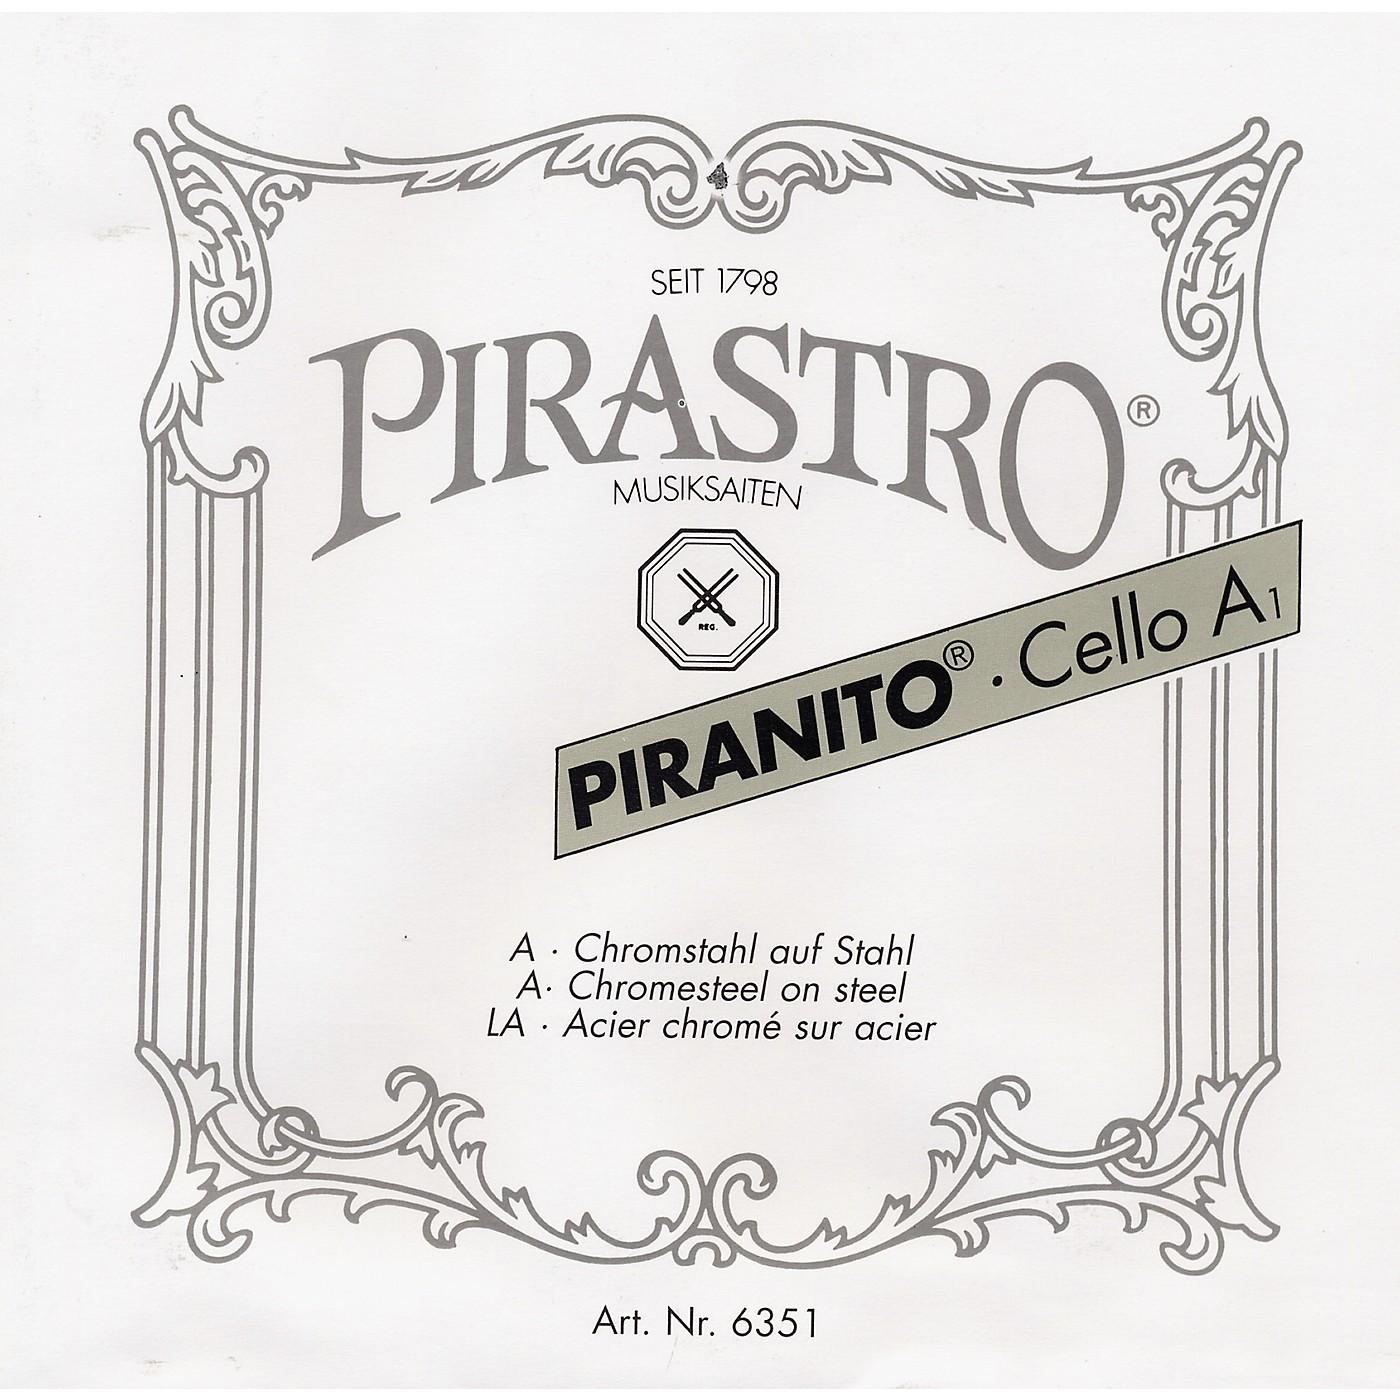 Pirastro Piranito Series Cello A String thumbnail